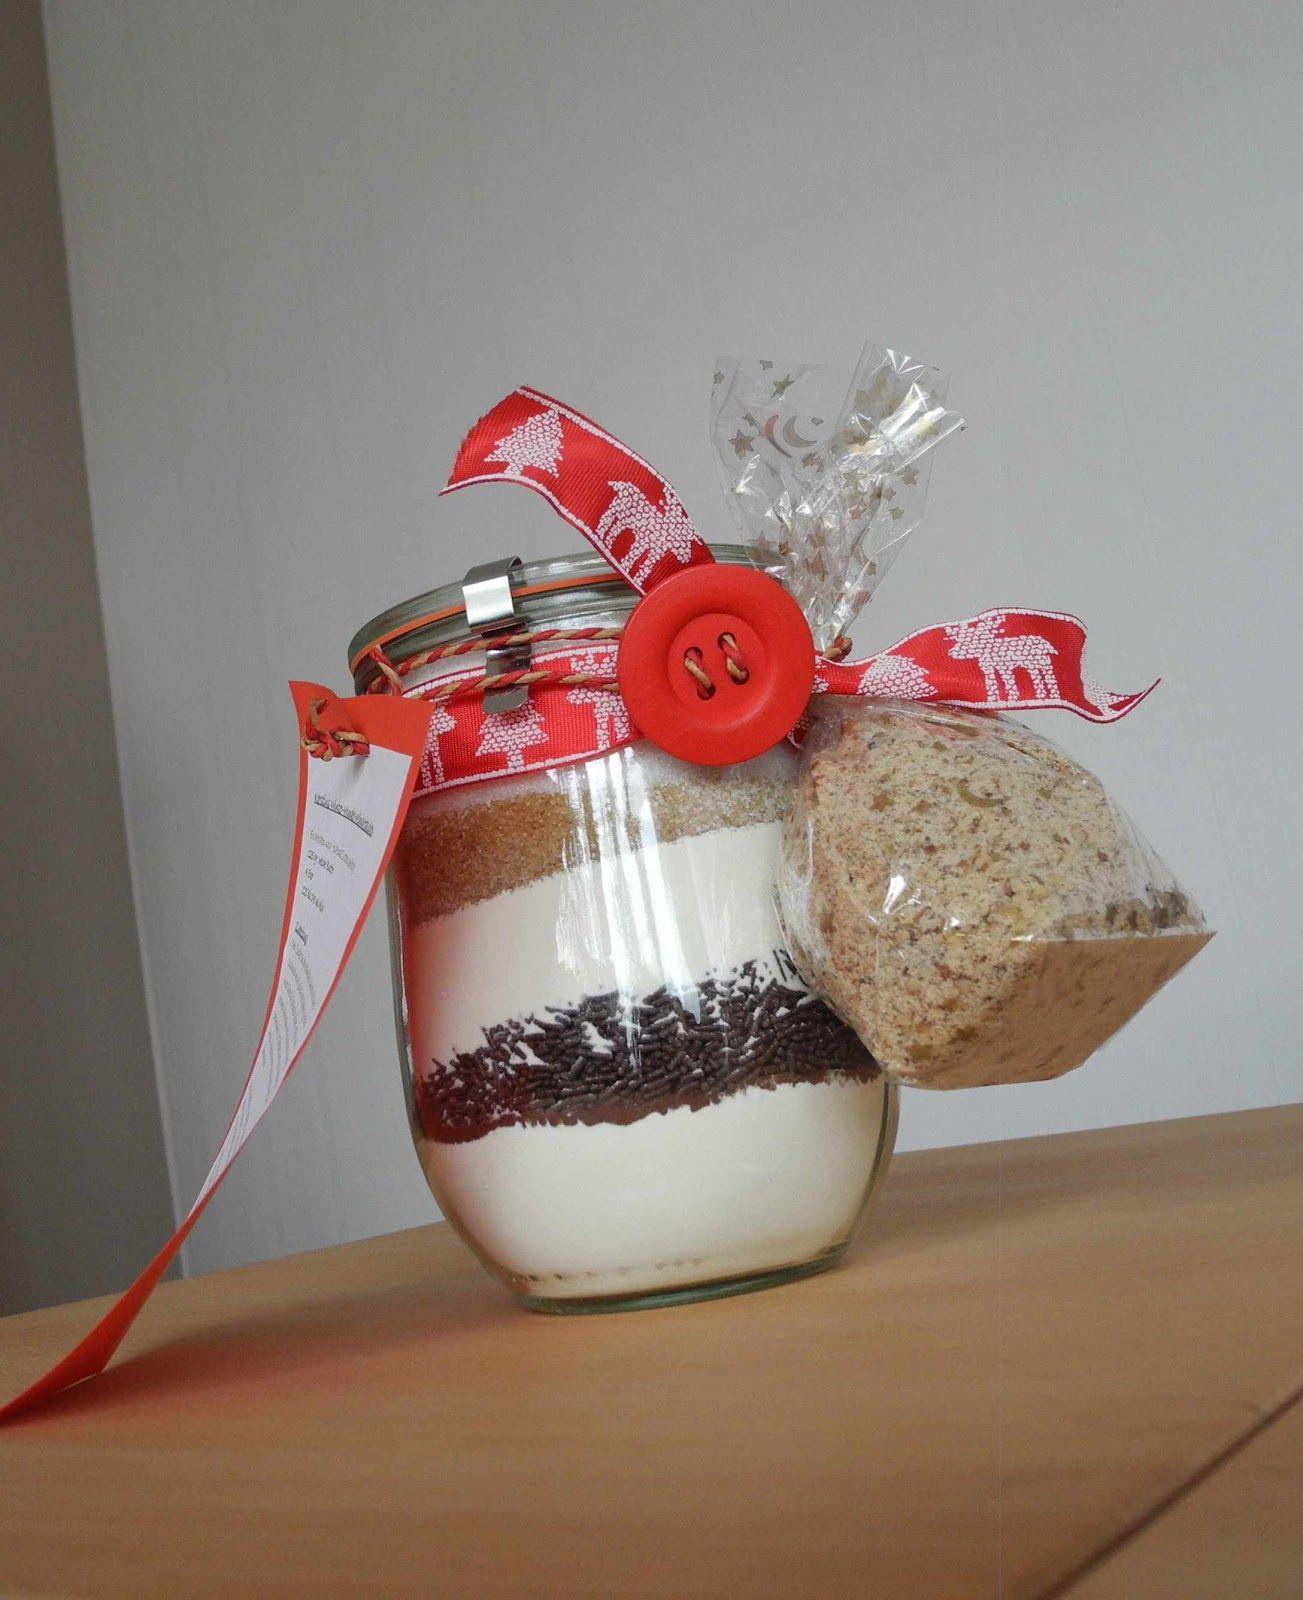 Kerstins bunte Welt: Kuchen im Glas - ein Geschenk aus der Küche ...